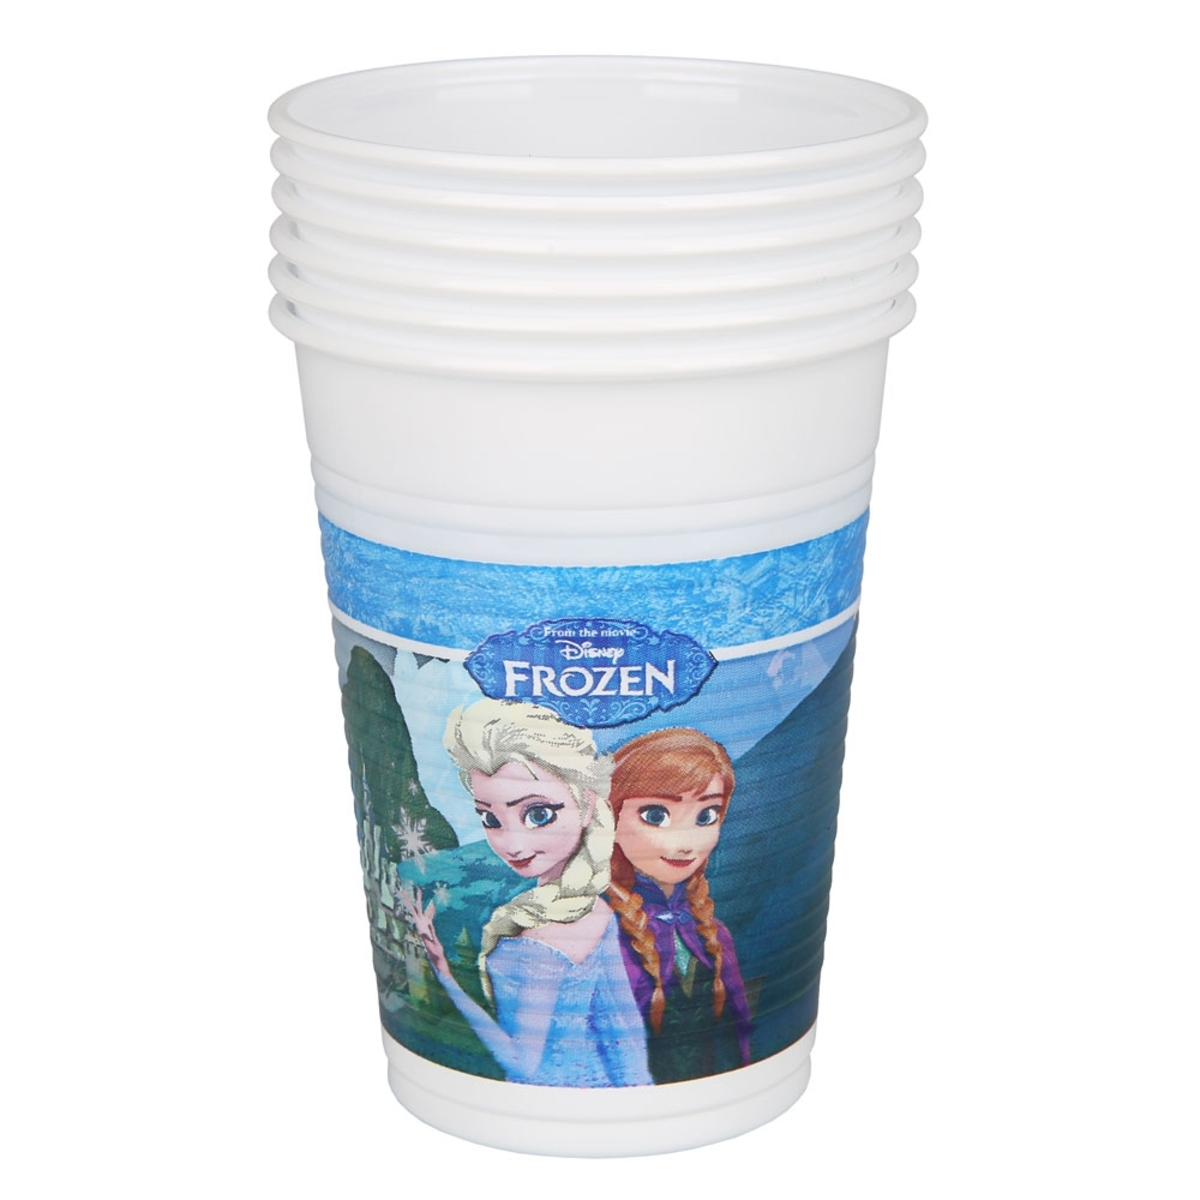 Bild 3 von Einwegbecher Frozen, 6er-Pack